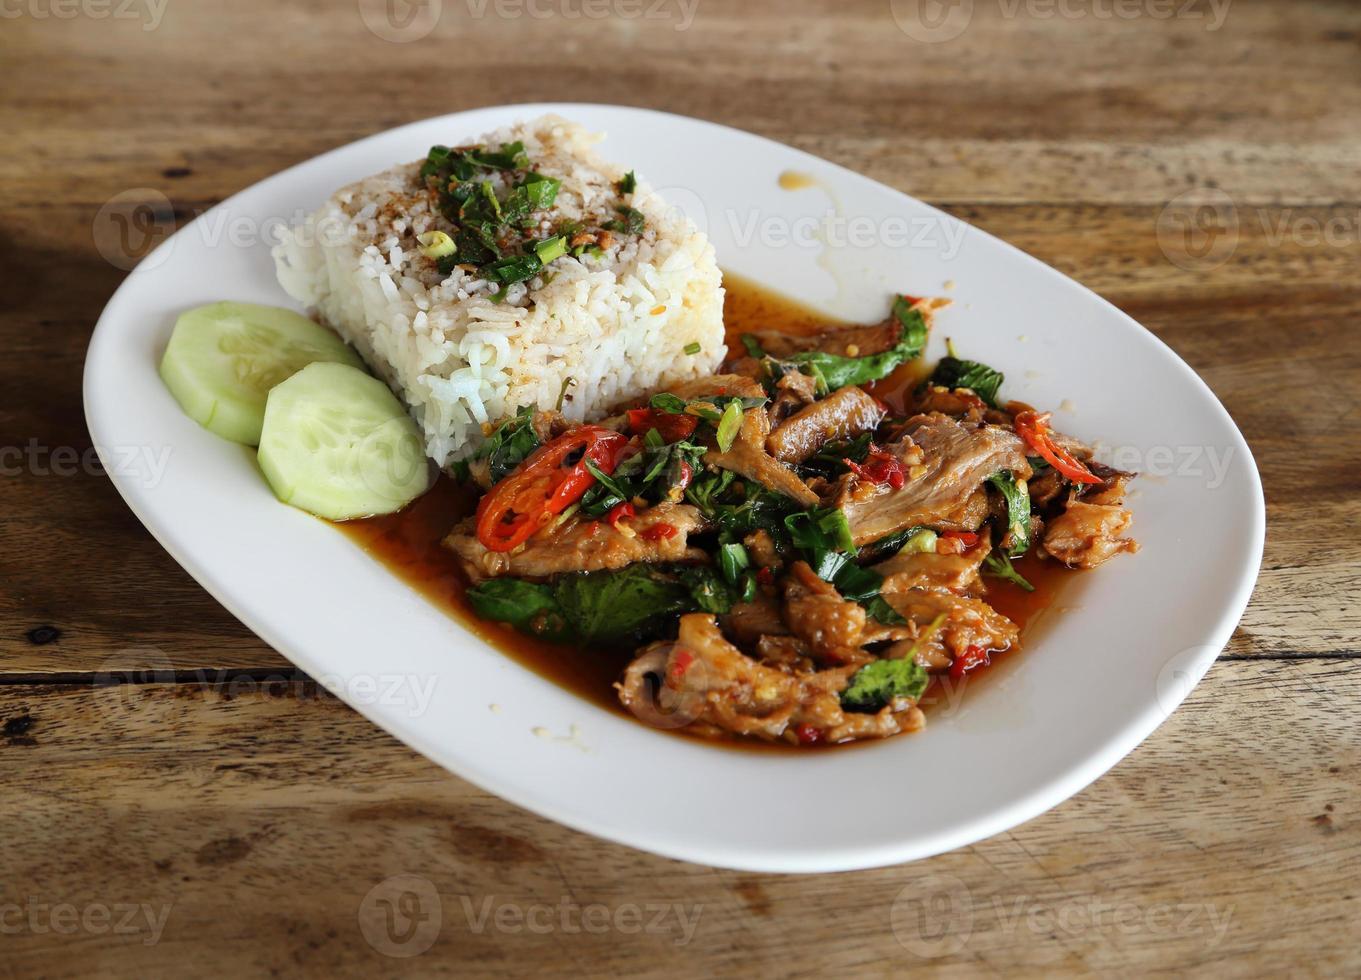 gebakken varkensvlees met zoete basi en witte jasmijn plakkerige rijst foto